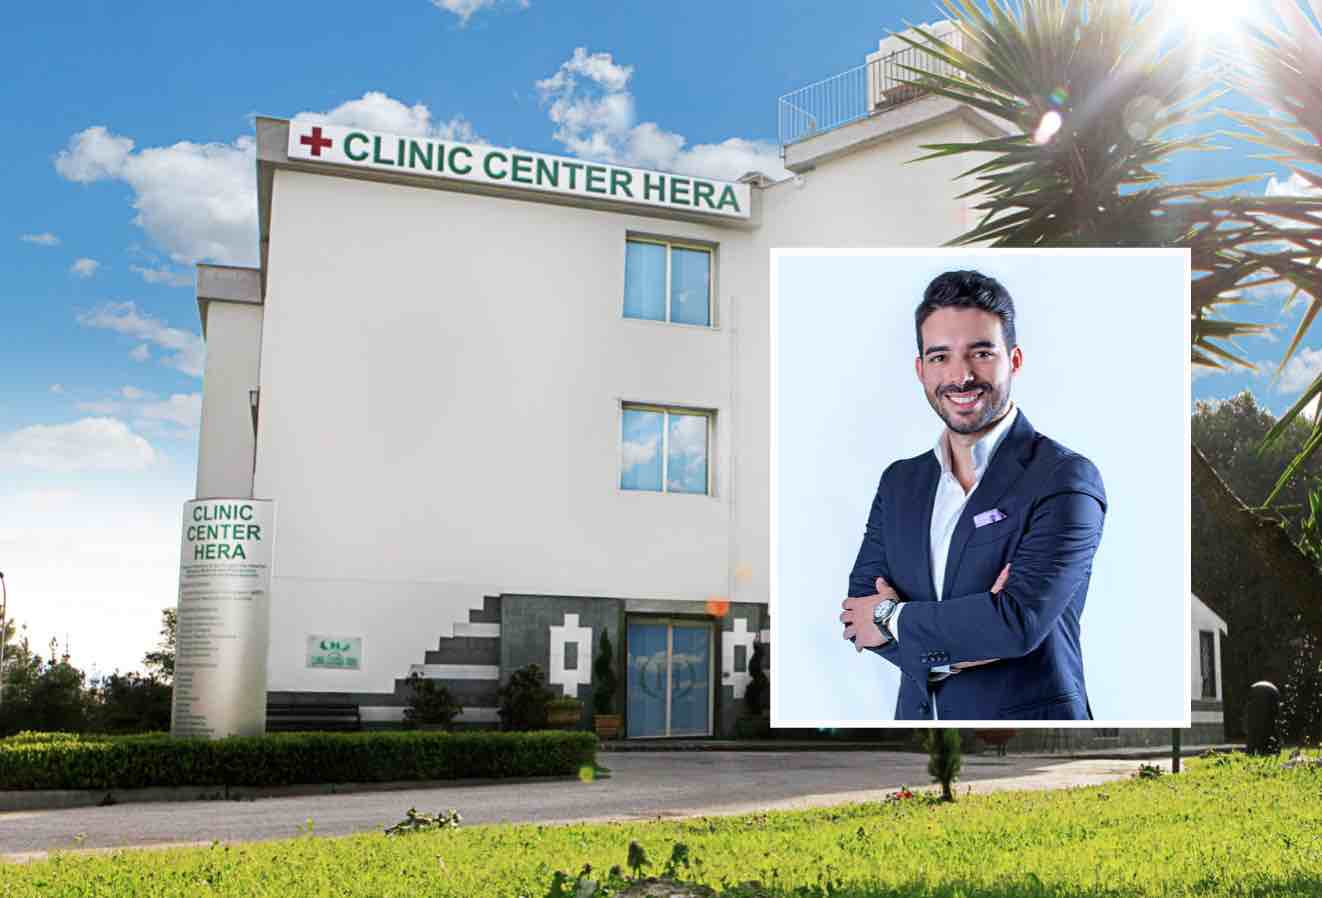 clinica hera coronavirus